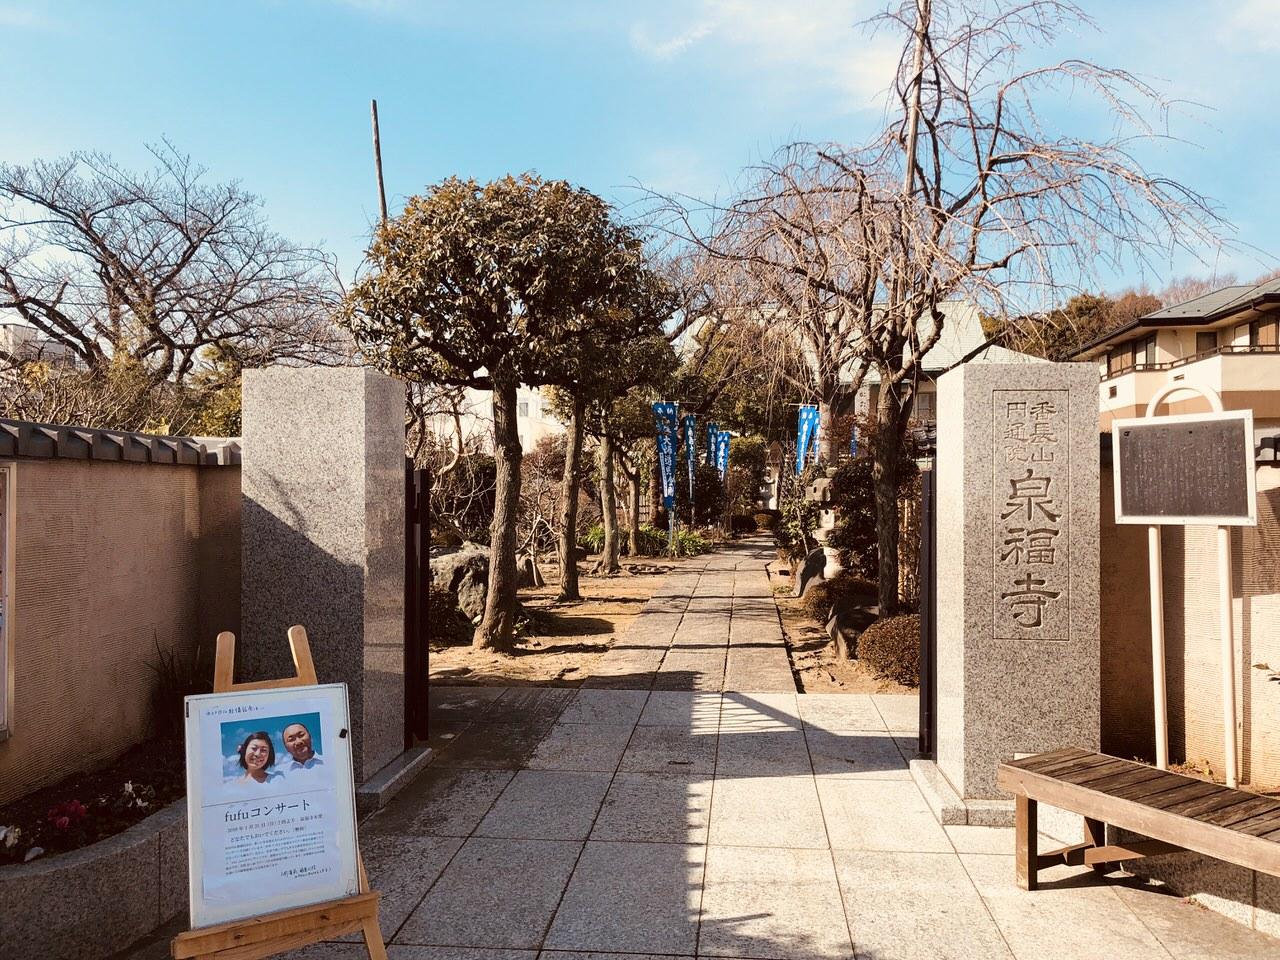 泉福寺 のうこつぼの画像1